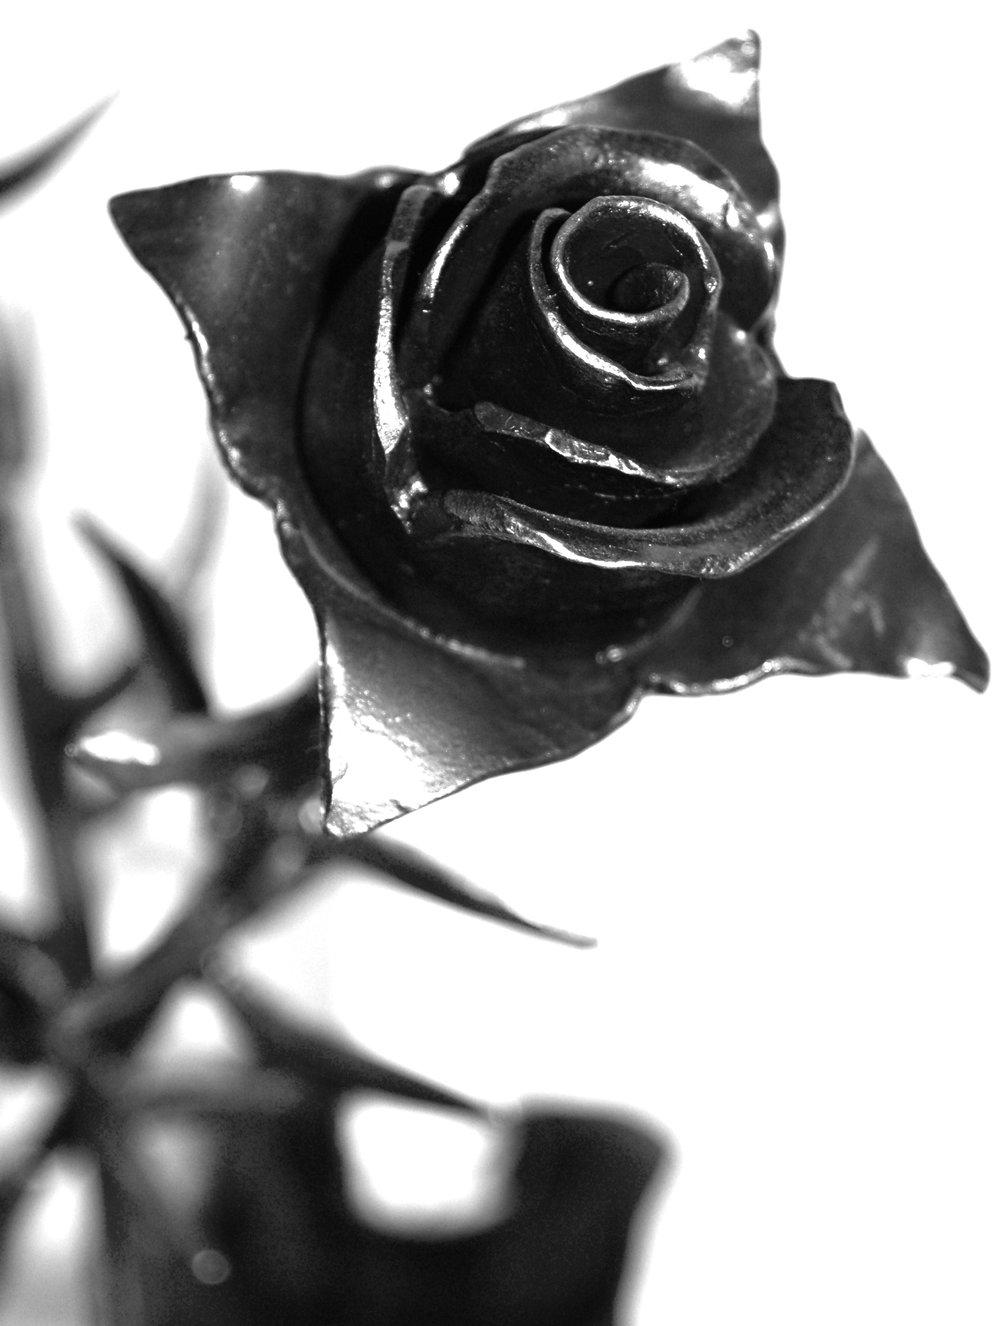 ROSE - component of candelabra